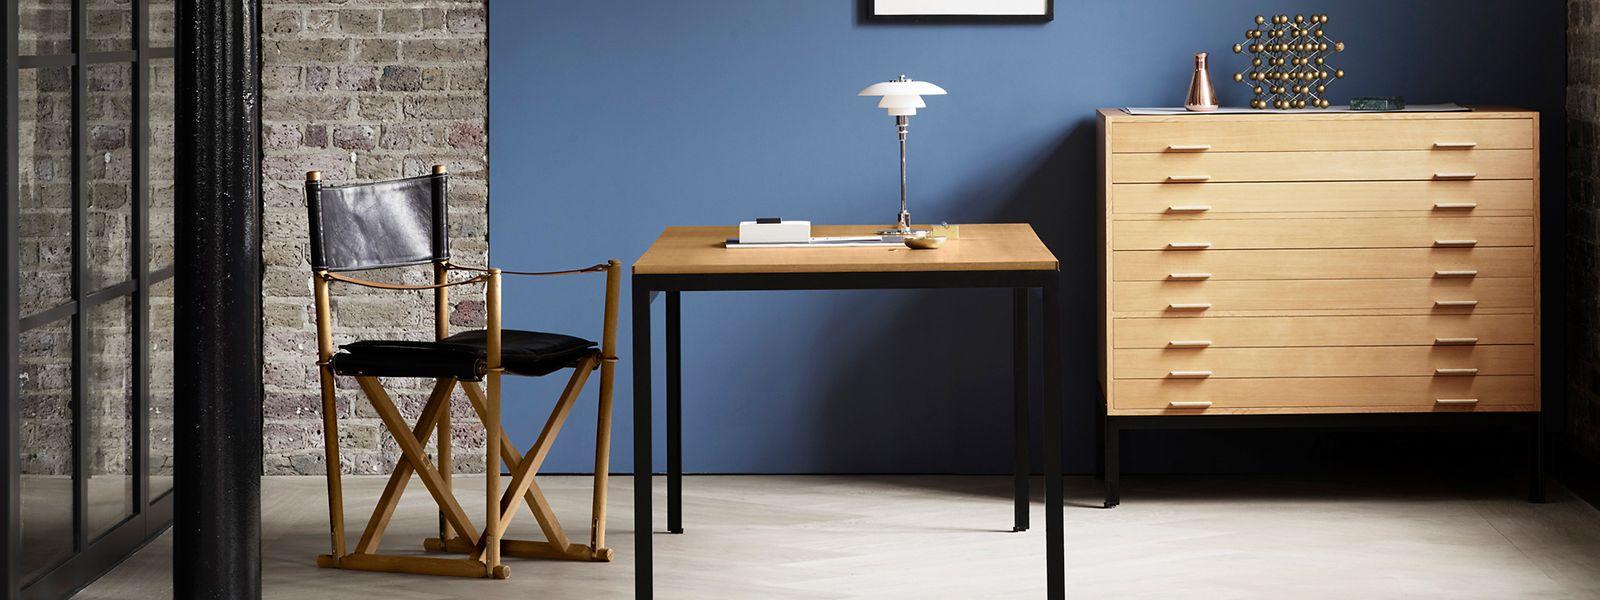 So herum und nicht wie üblich anders:Der Schreibtisch namens Student Desk von Carl Hansen & Søn lässt sich auch zumEsstisch zweckentfremden.